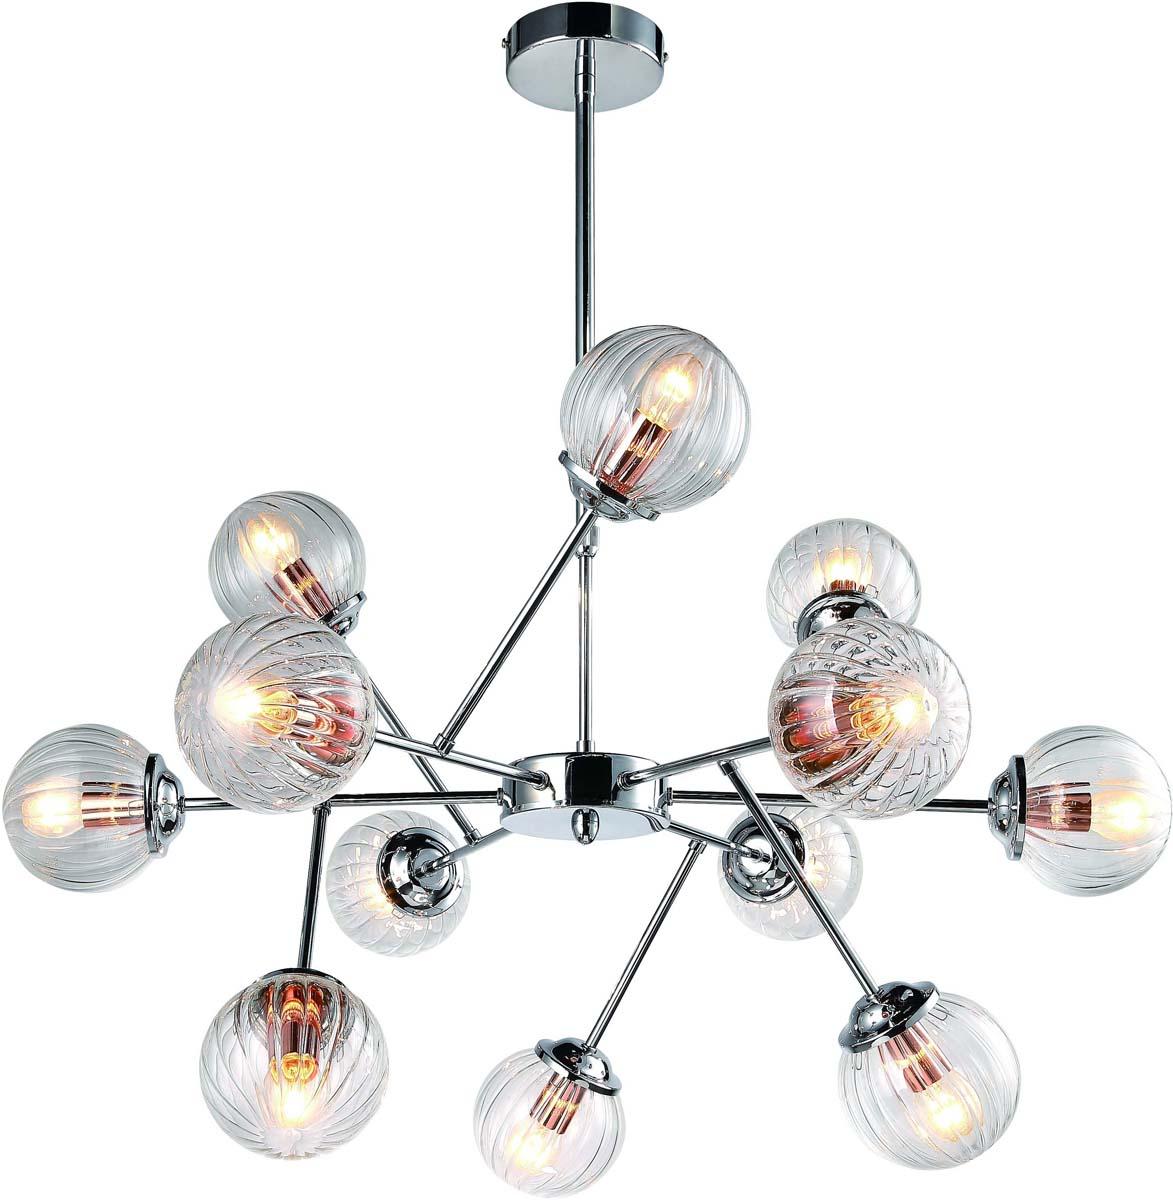 Светильник подвесной Arte Lamp Arancia, 12 х E14, 40 W. A9276LM-12CC люстра на штанге arte lamp arancia a9276lm 8cc